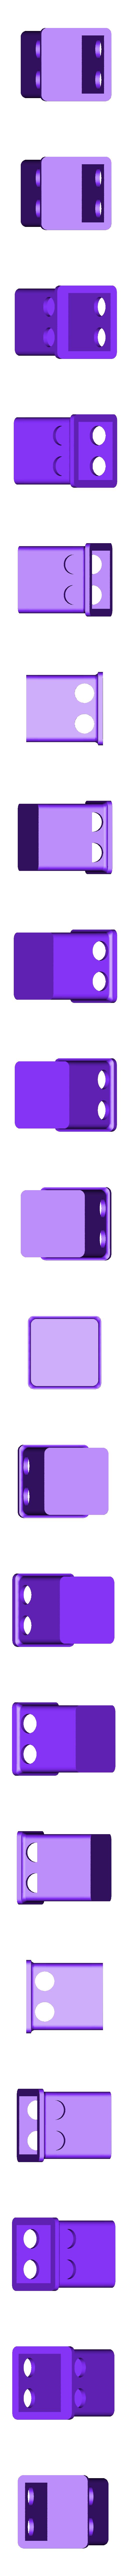 Box.stl Download free STL file Ball Lock Puzzle • 3D printer design, mtairymd